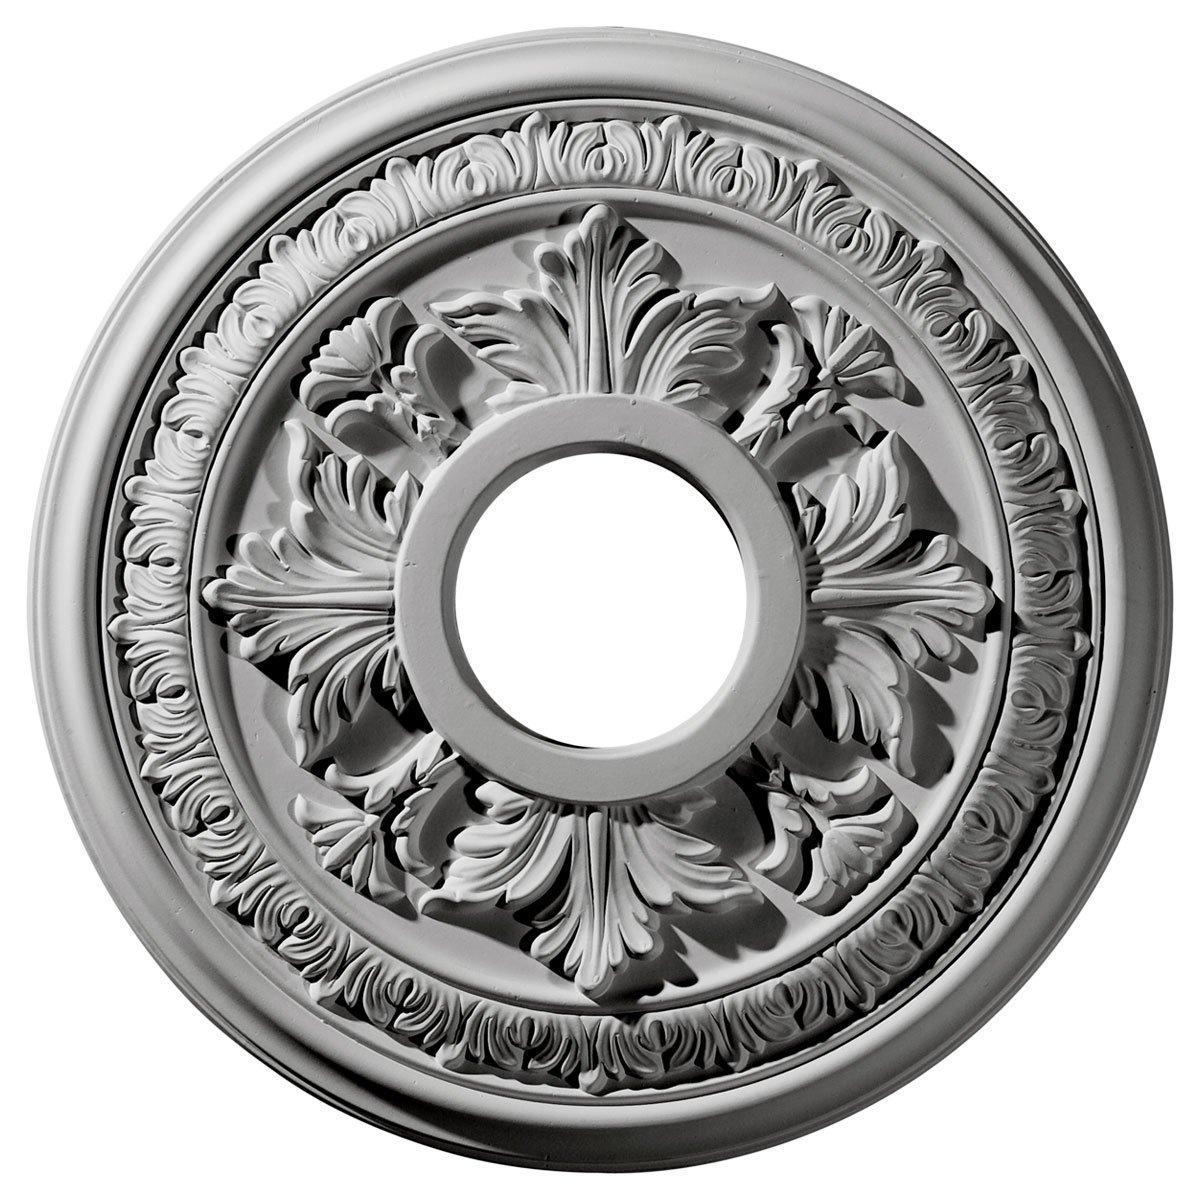 Ekena Millwork CM15BA 15 3 8 Inch OD x 4 1 4 Inch ID x 1 1 2 Inch Baltimore Ceiling Medallion